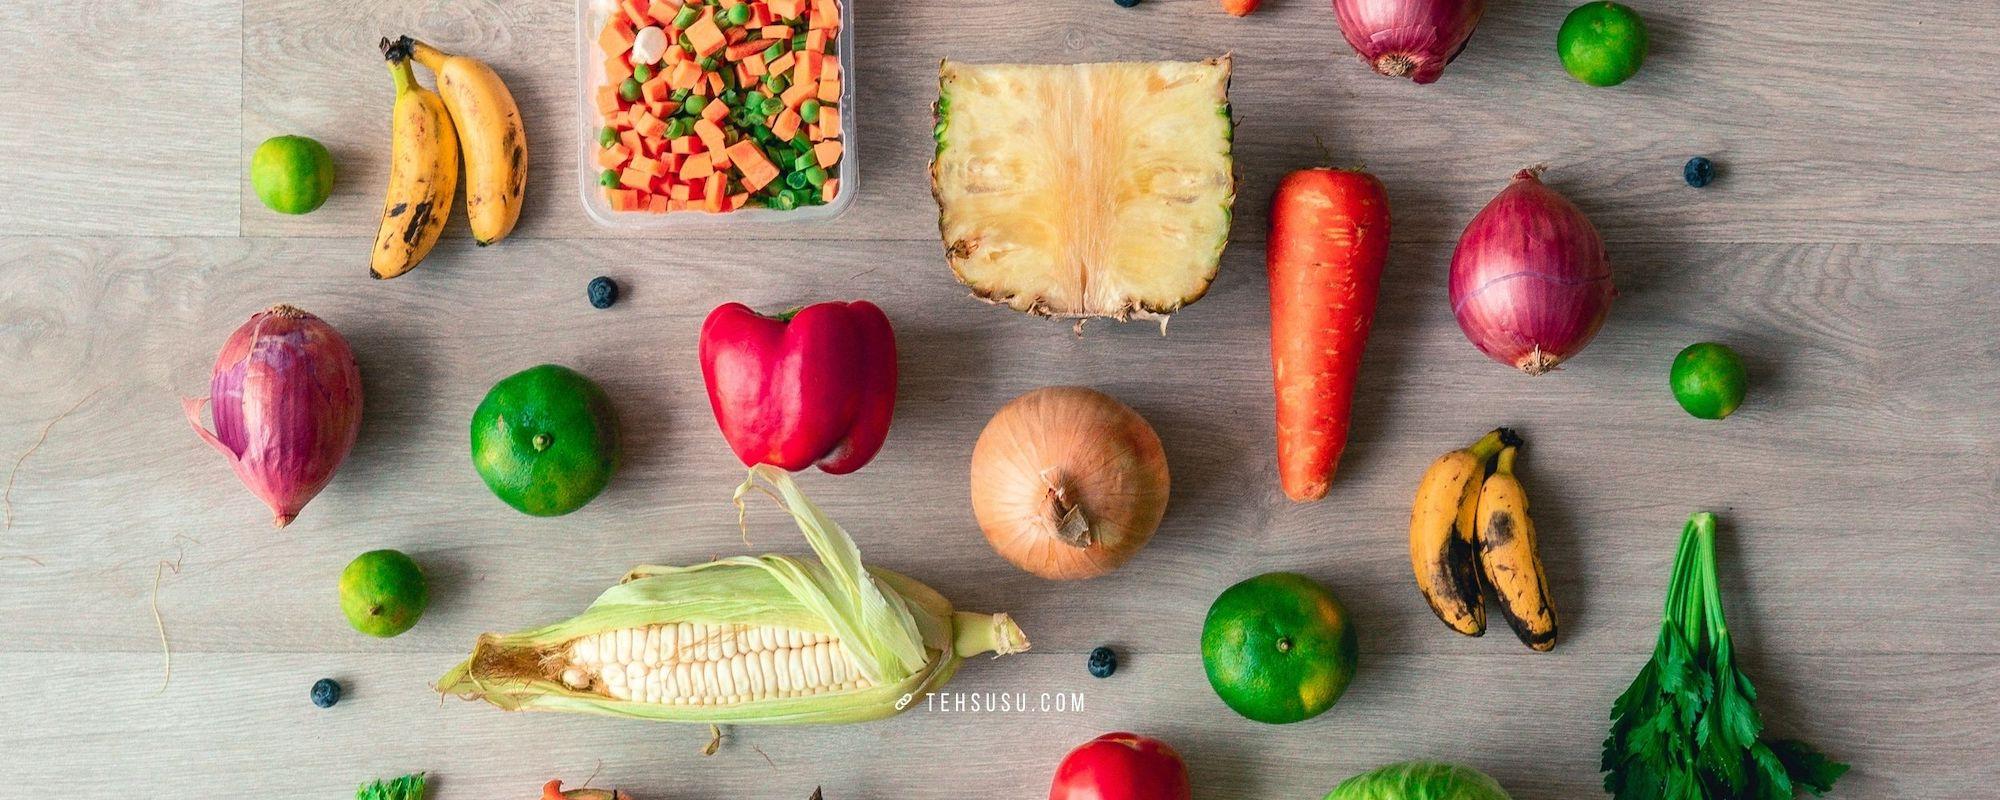 Saya Mau Cerita Nih, Pengalaman Belanja Sayur dan Buah di Sayurbox